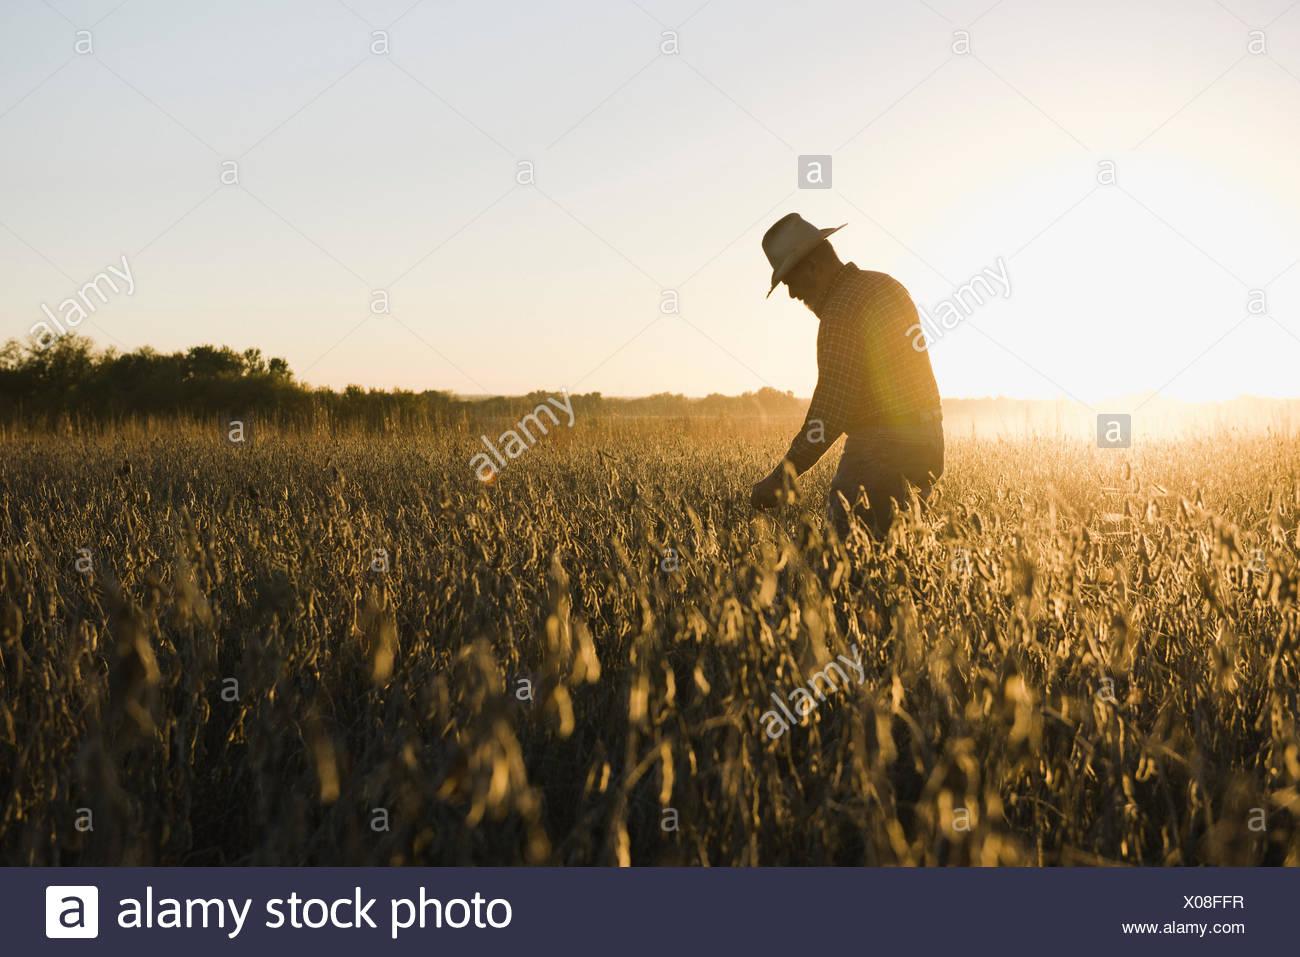 Silhouette senior männlichen Bauern Blick auf Soja-Ernte bei Sonnenuntergang, Plattsburg, Missouri, USA Stockbild